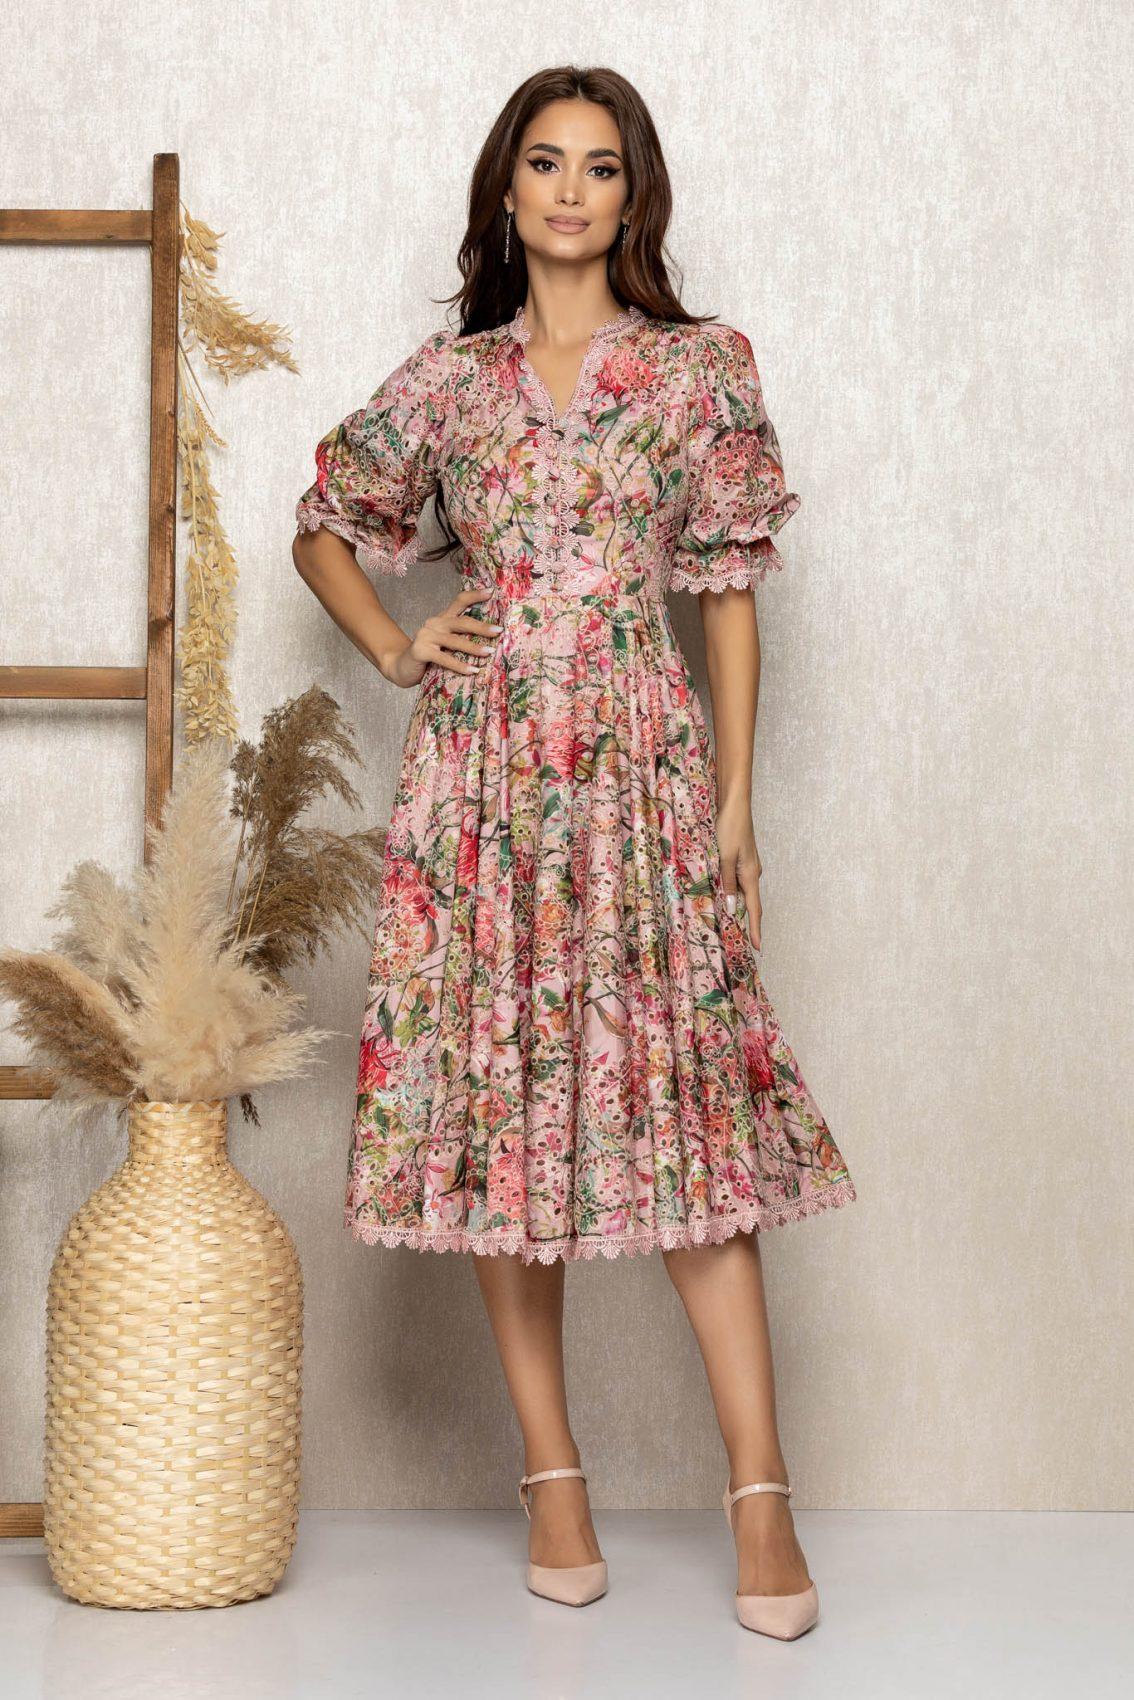 Ροζ Εμπριμέ Μίντι Φόρεμα Από Δαντέλα Felice T314 1